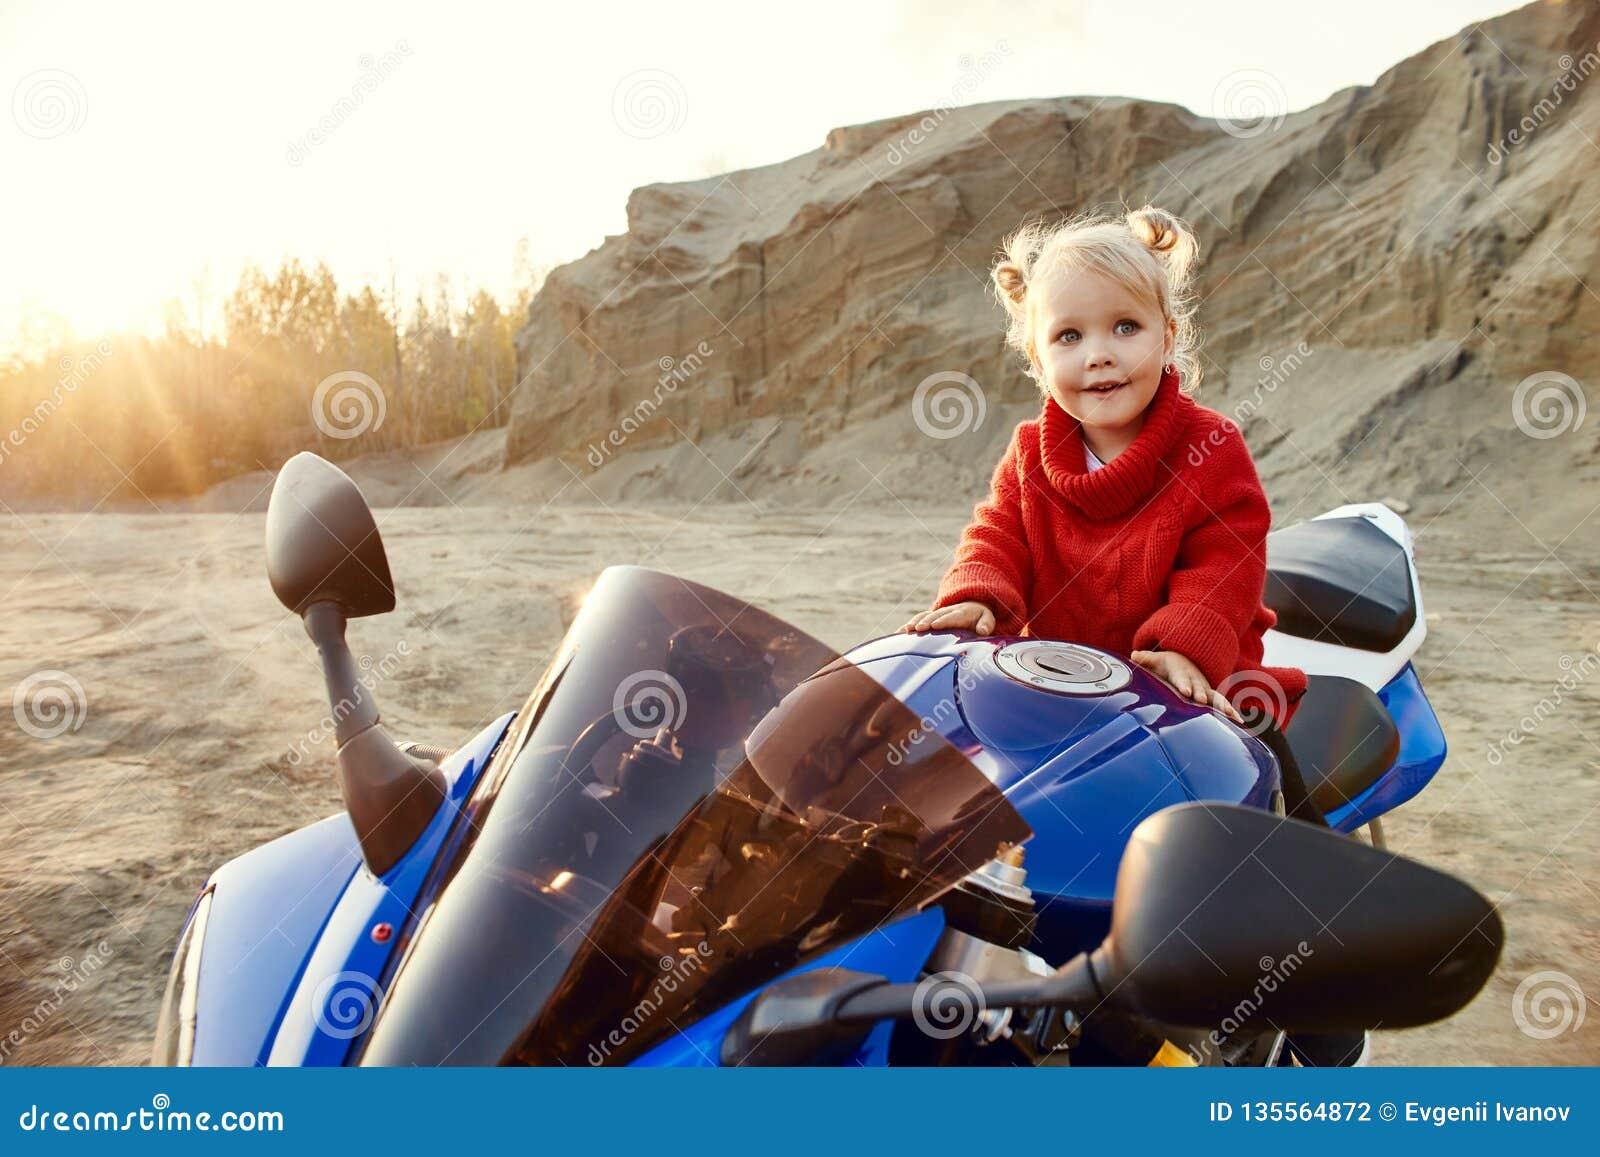 Młody małej dziewczynki obsiadanie na motocyklu ściga się, piękny mały rowerzysta na sporty jechać na rowerze w naturze Córka mot